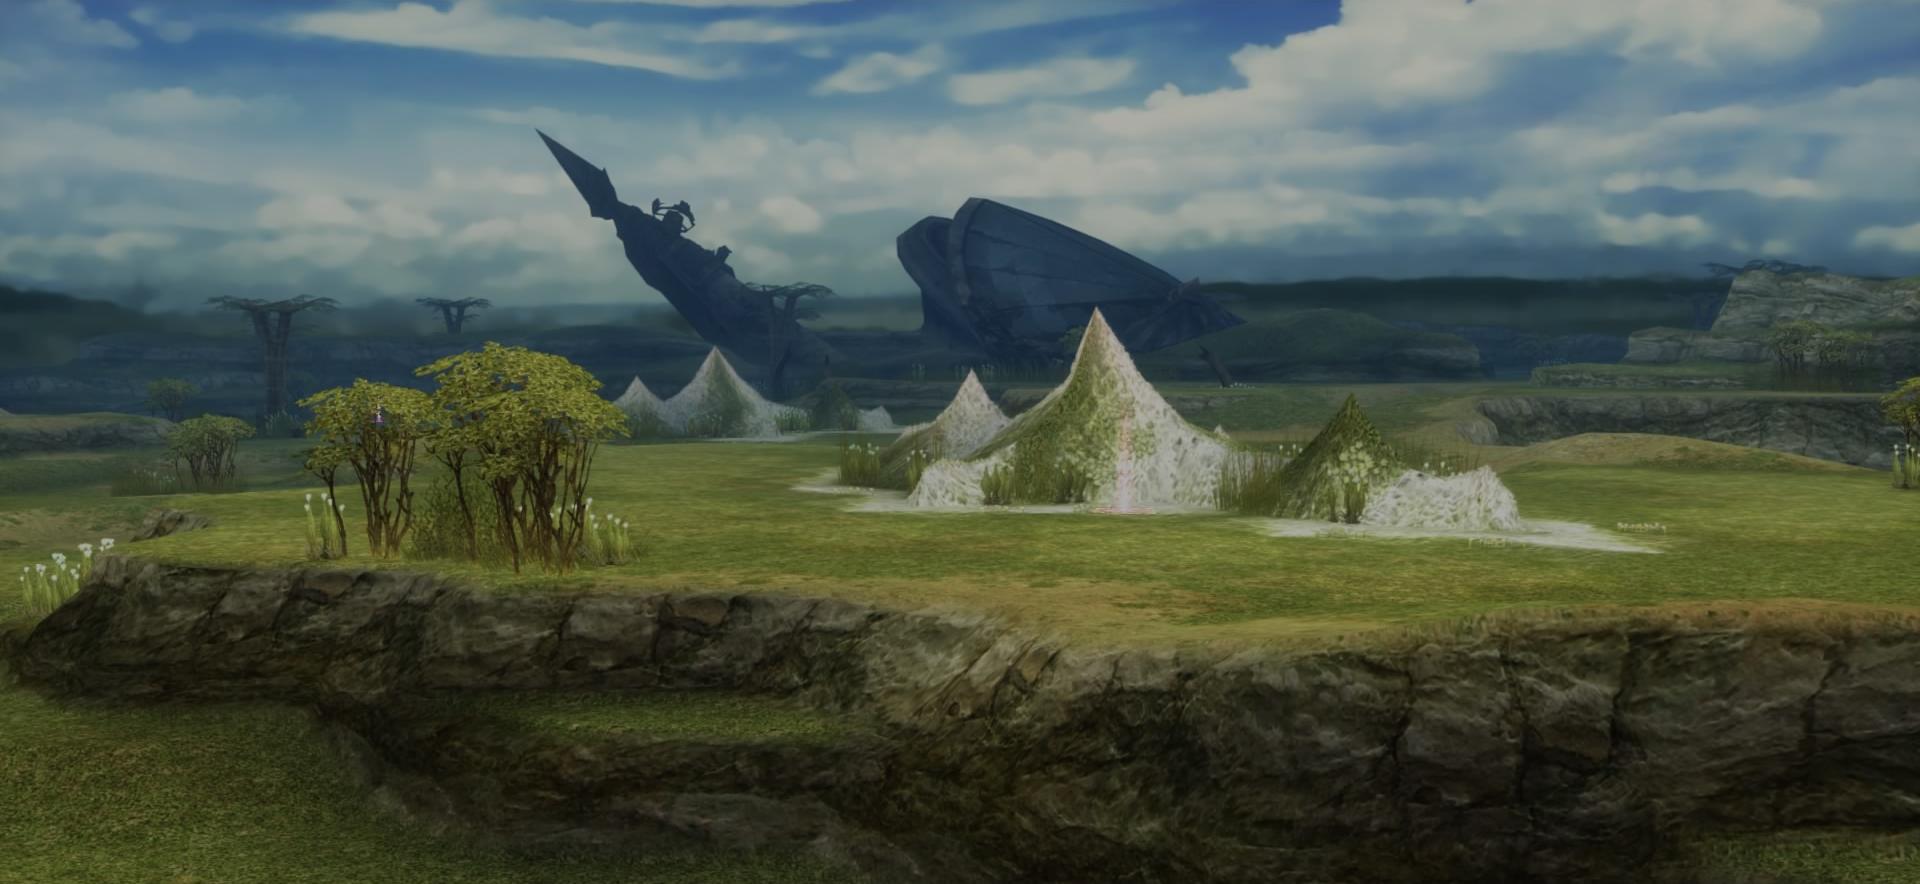 ozmone plain final fantasy wiki fandom powered by wikia